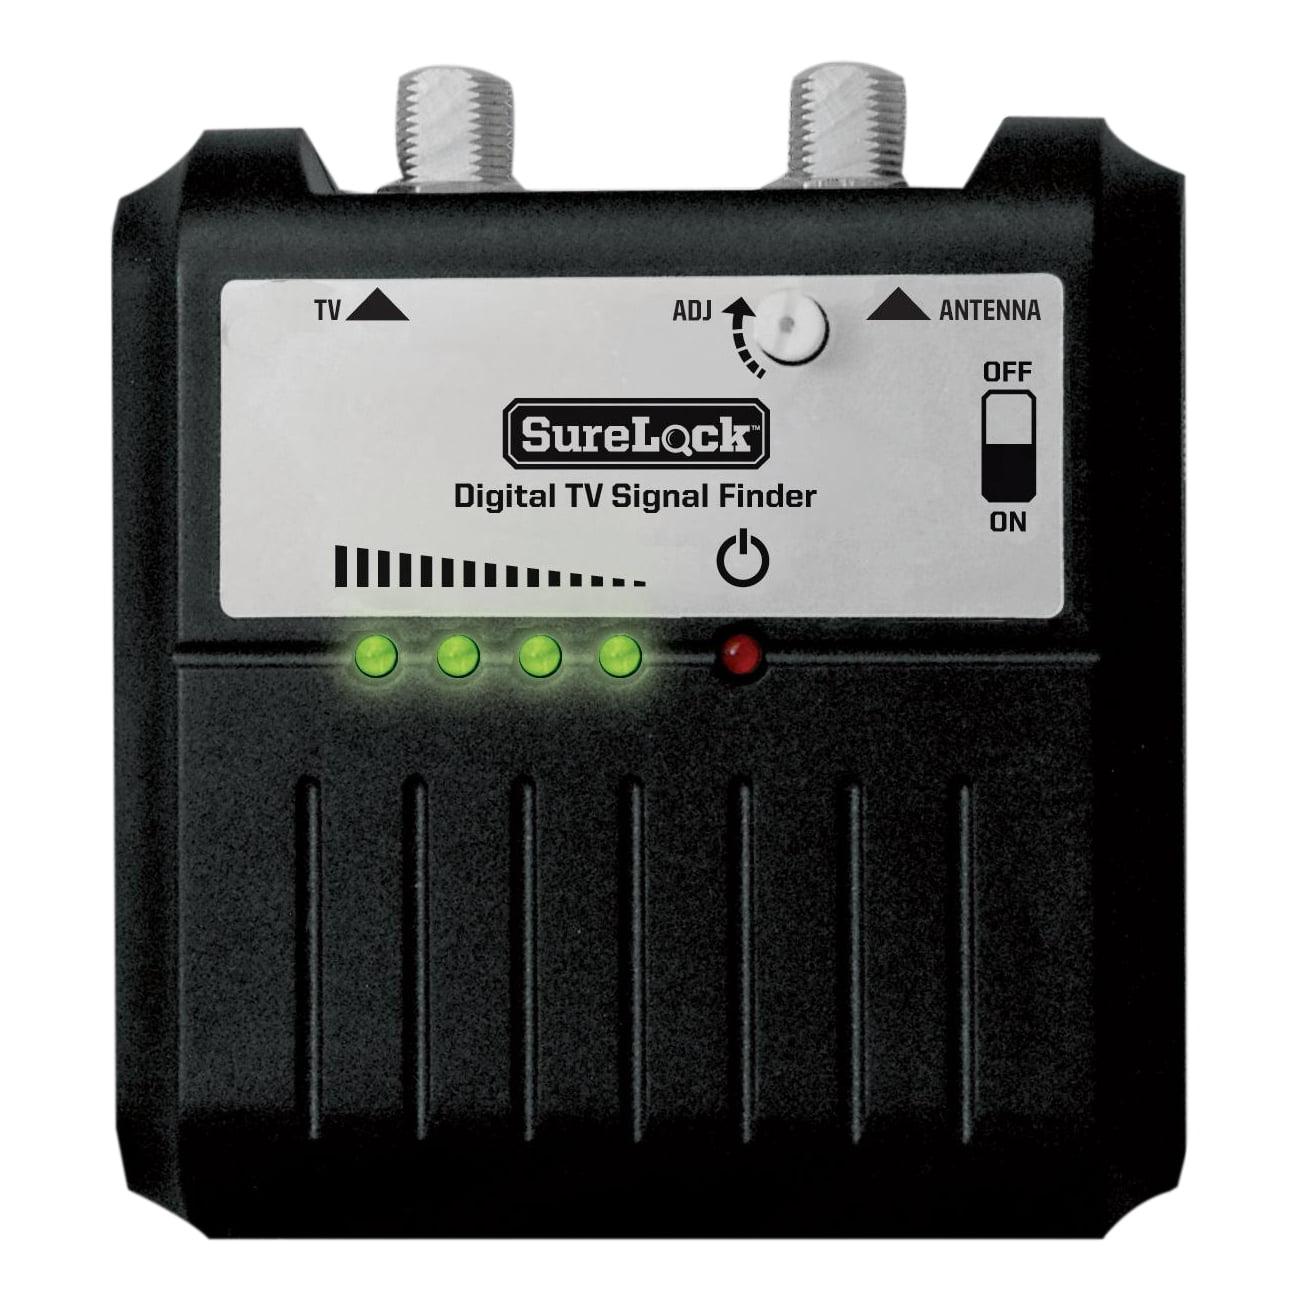 King Sl1000 Surelock Tv Antenna Signal Finder Accessories Fm Gain 180